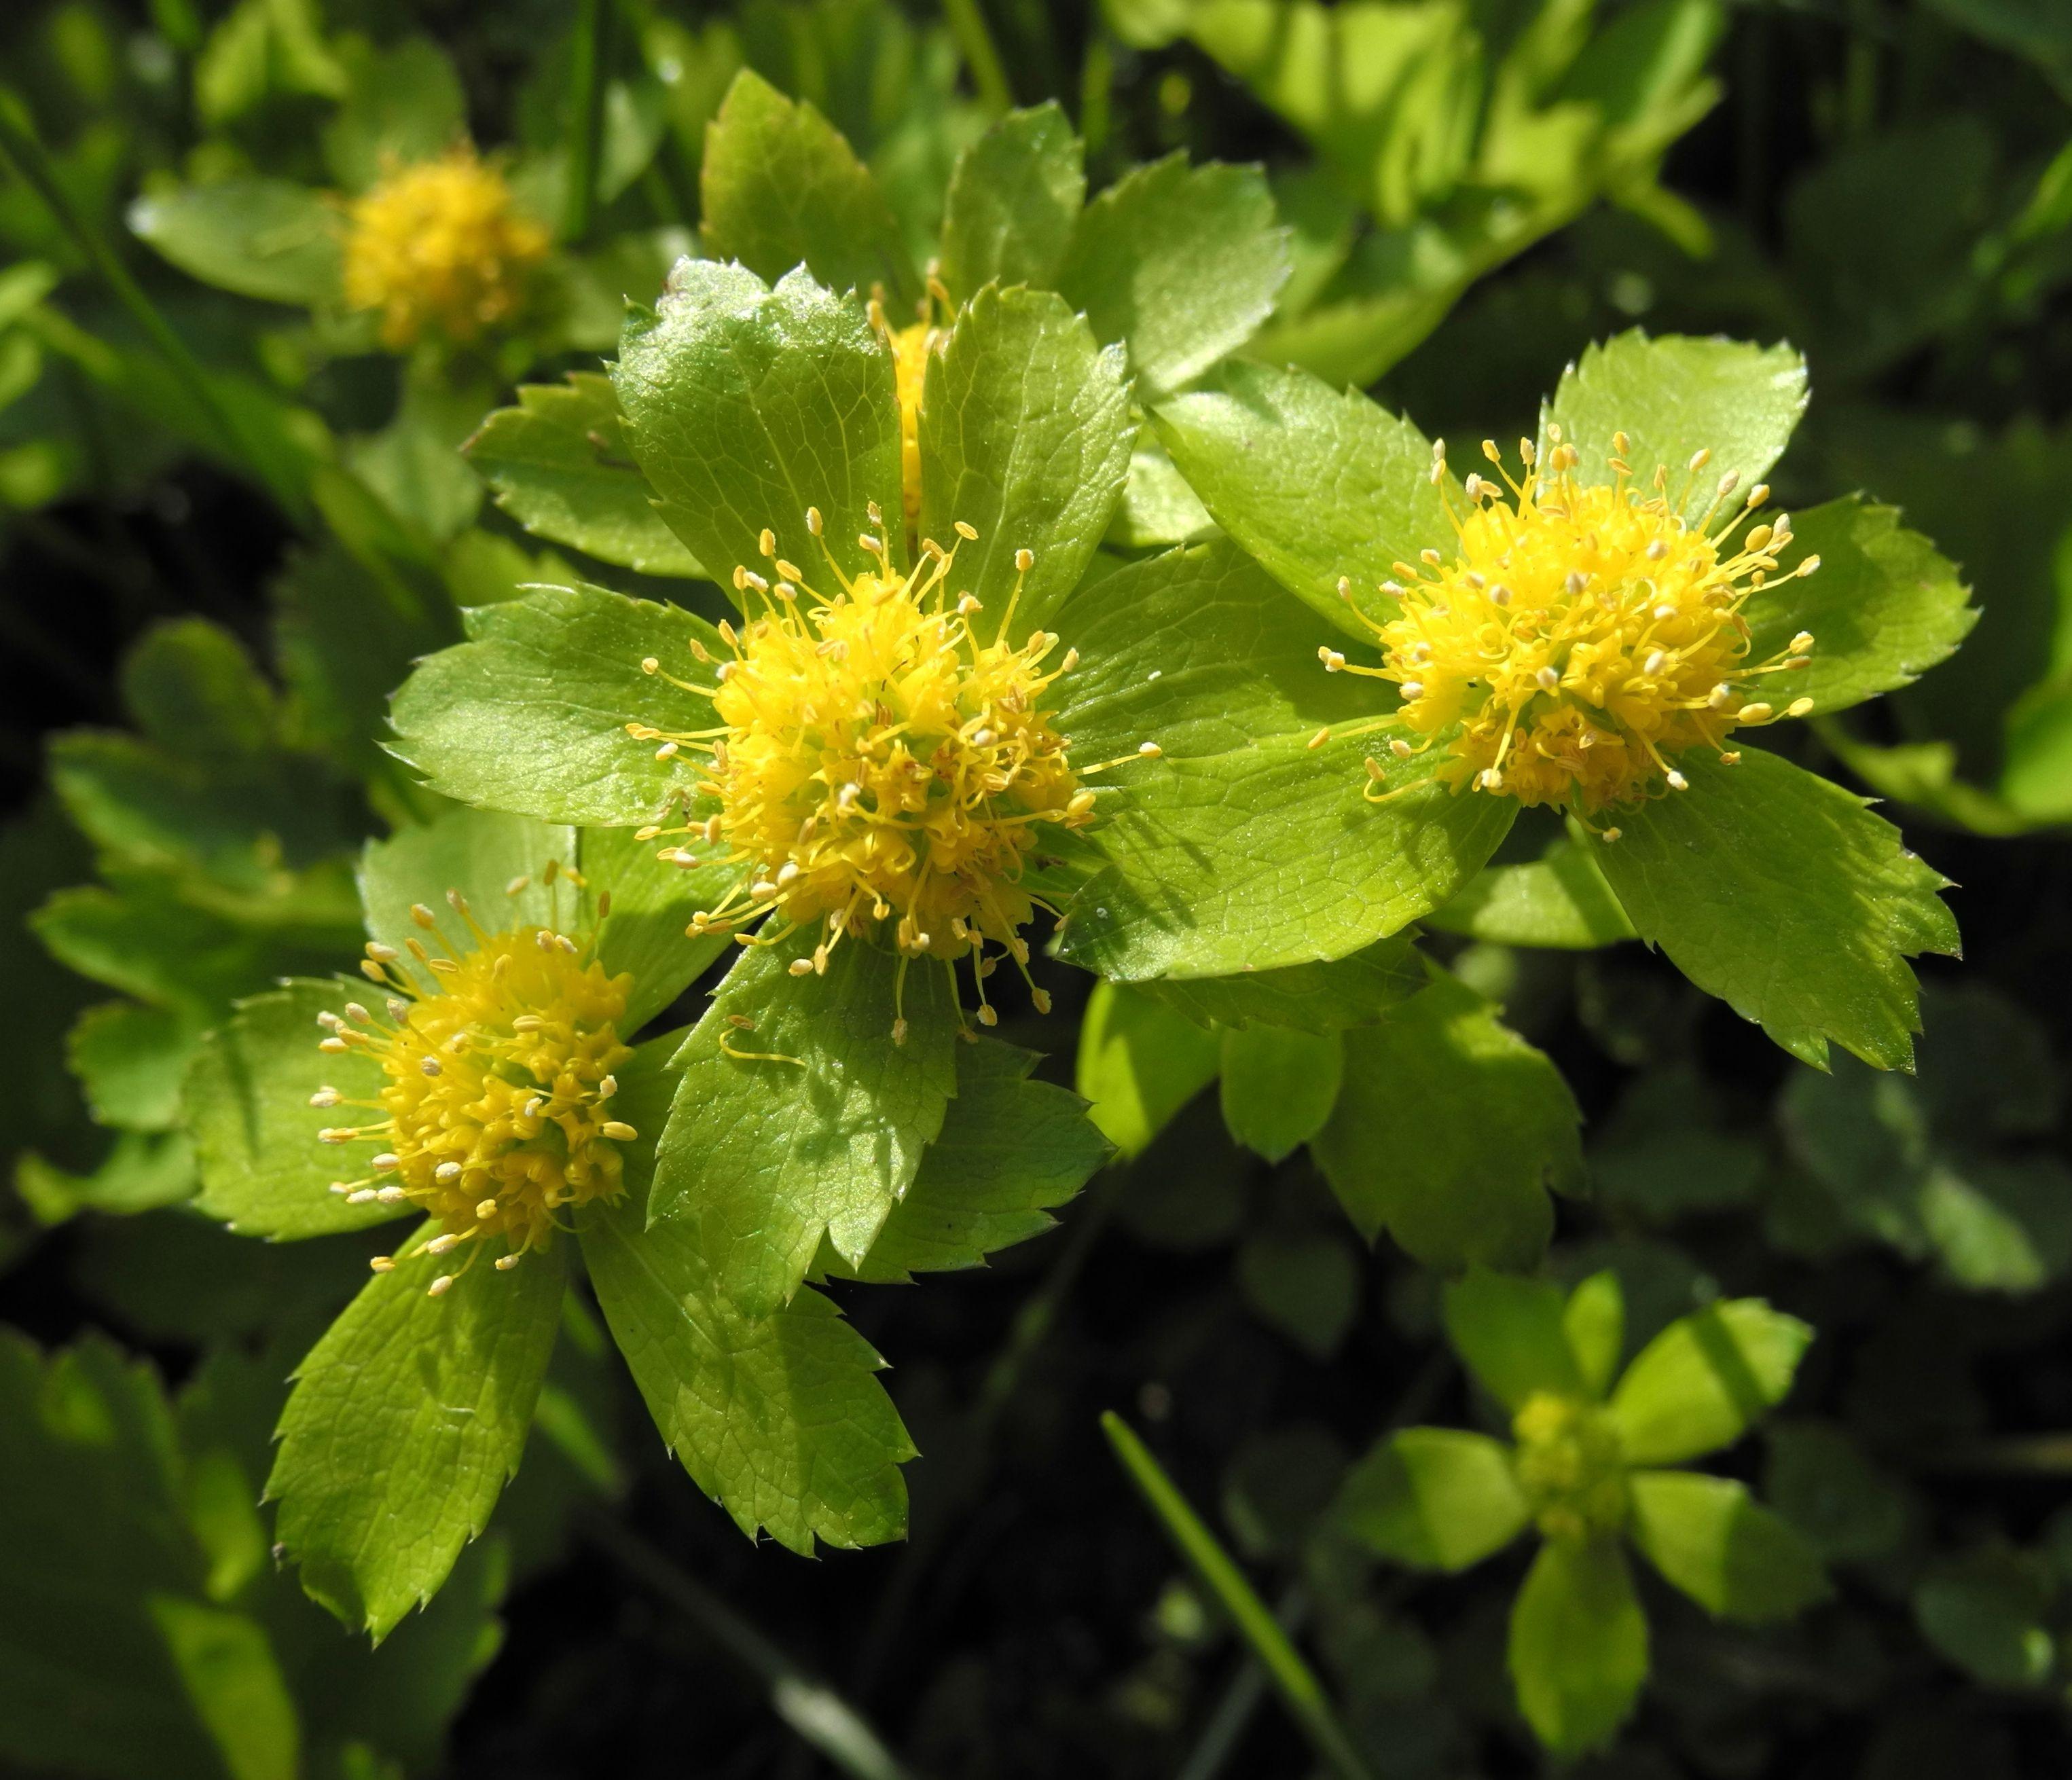 Zurück zum kompletten Bilderset Schaftdolde Blüte gelb Hacquetia epipactis